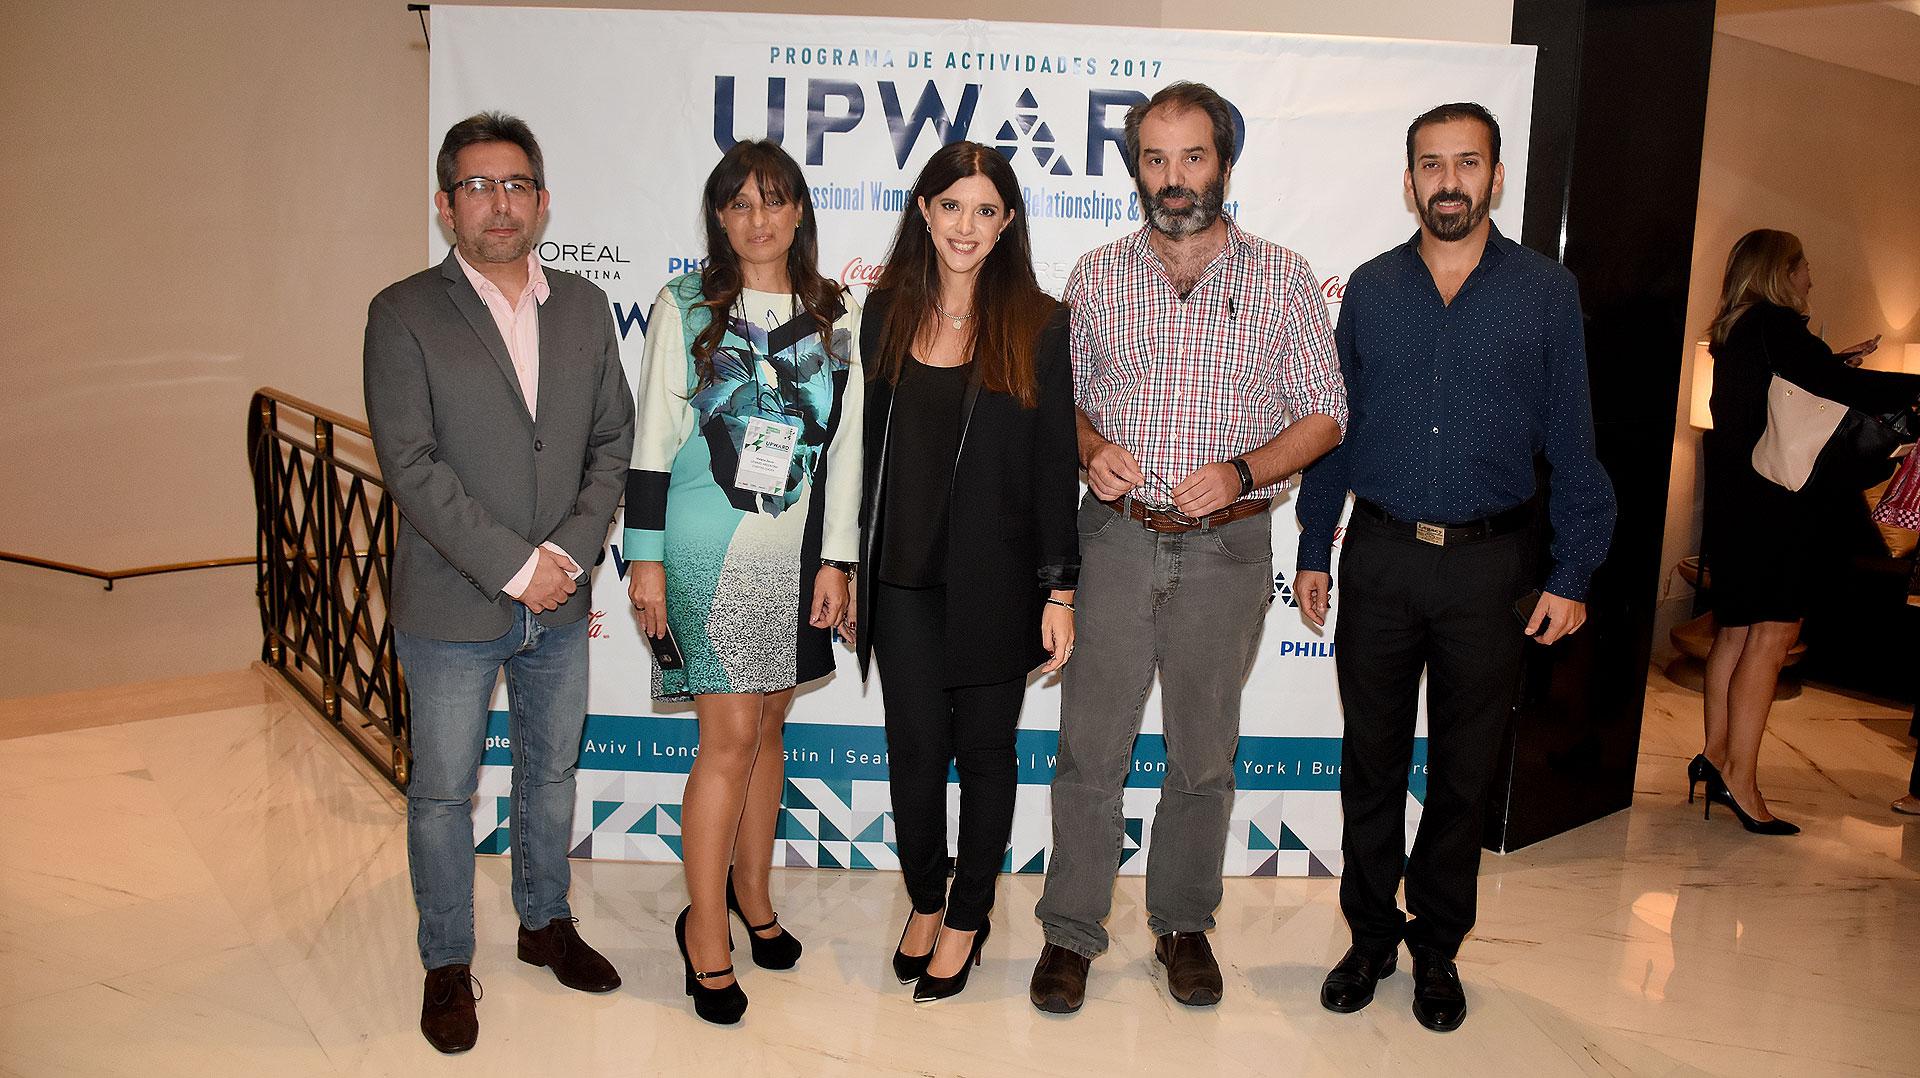 Julián Gallo, Viviana Zocco, Eugenia Daneri, Patricio Lorente y Sebastián Brizuela